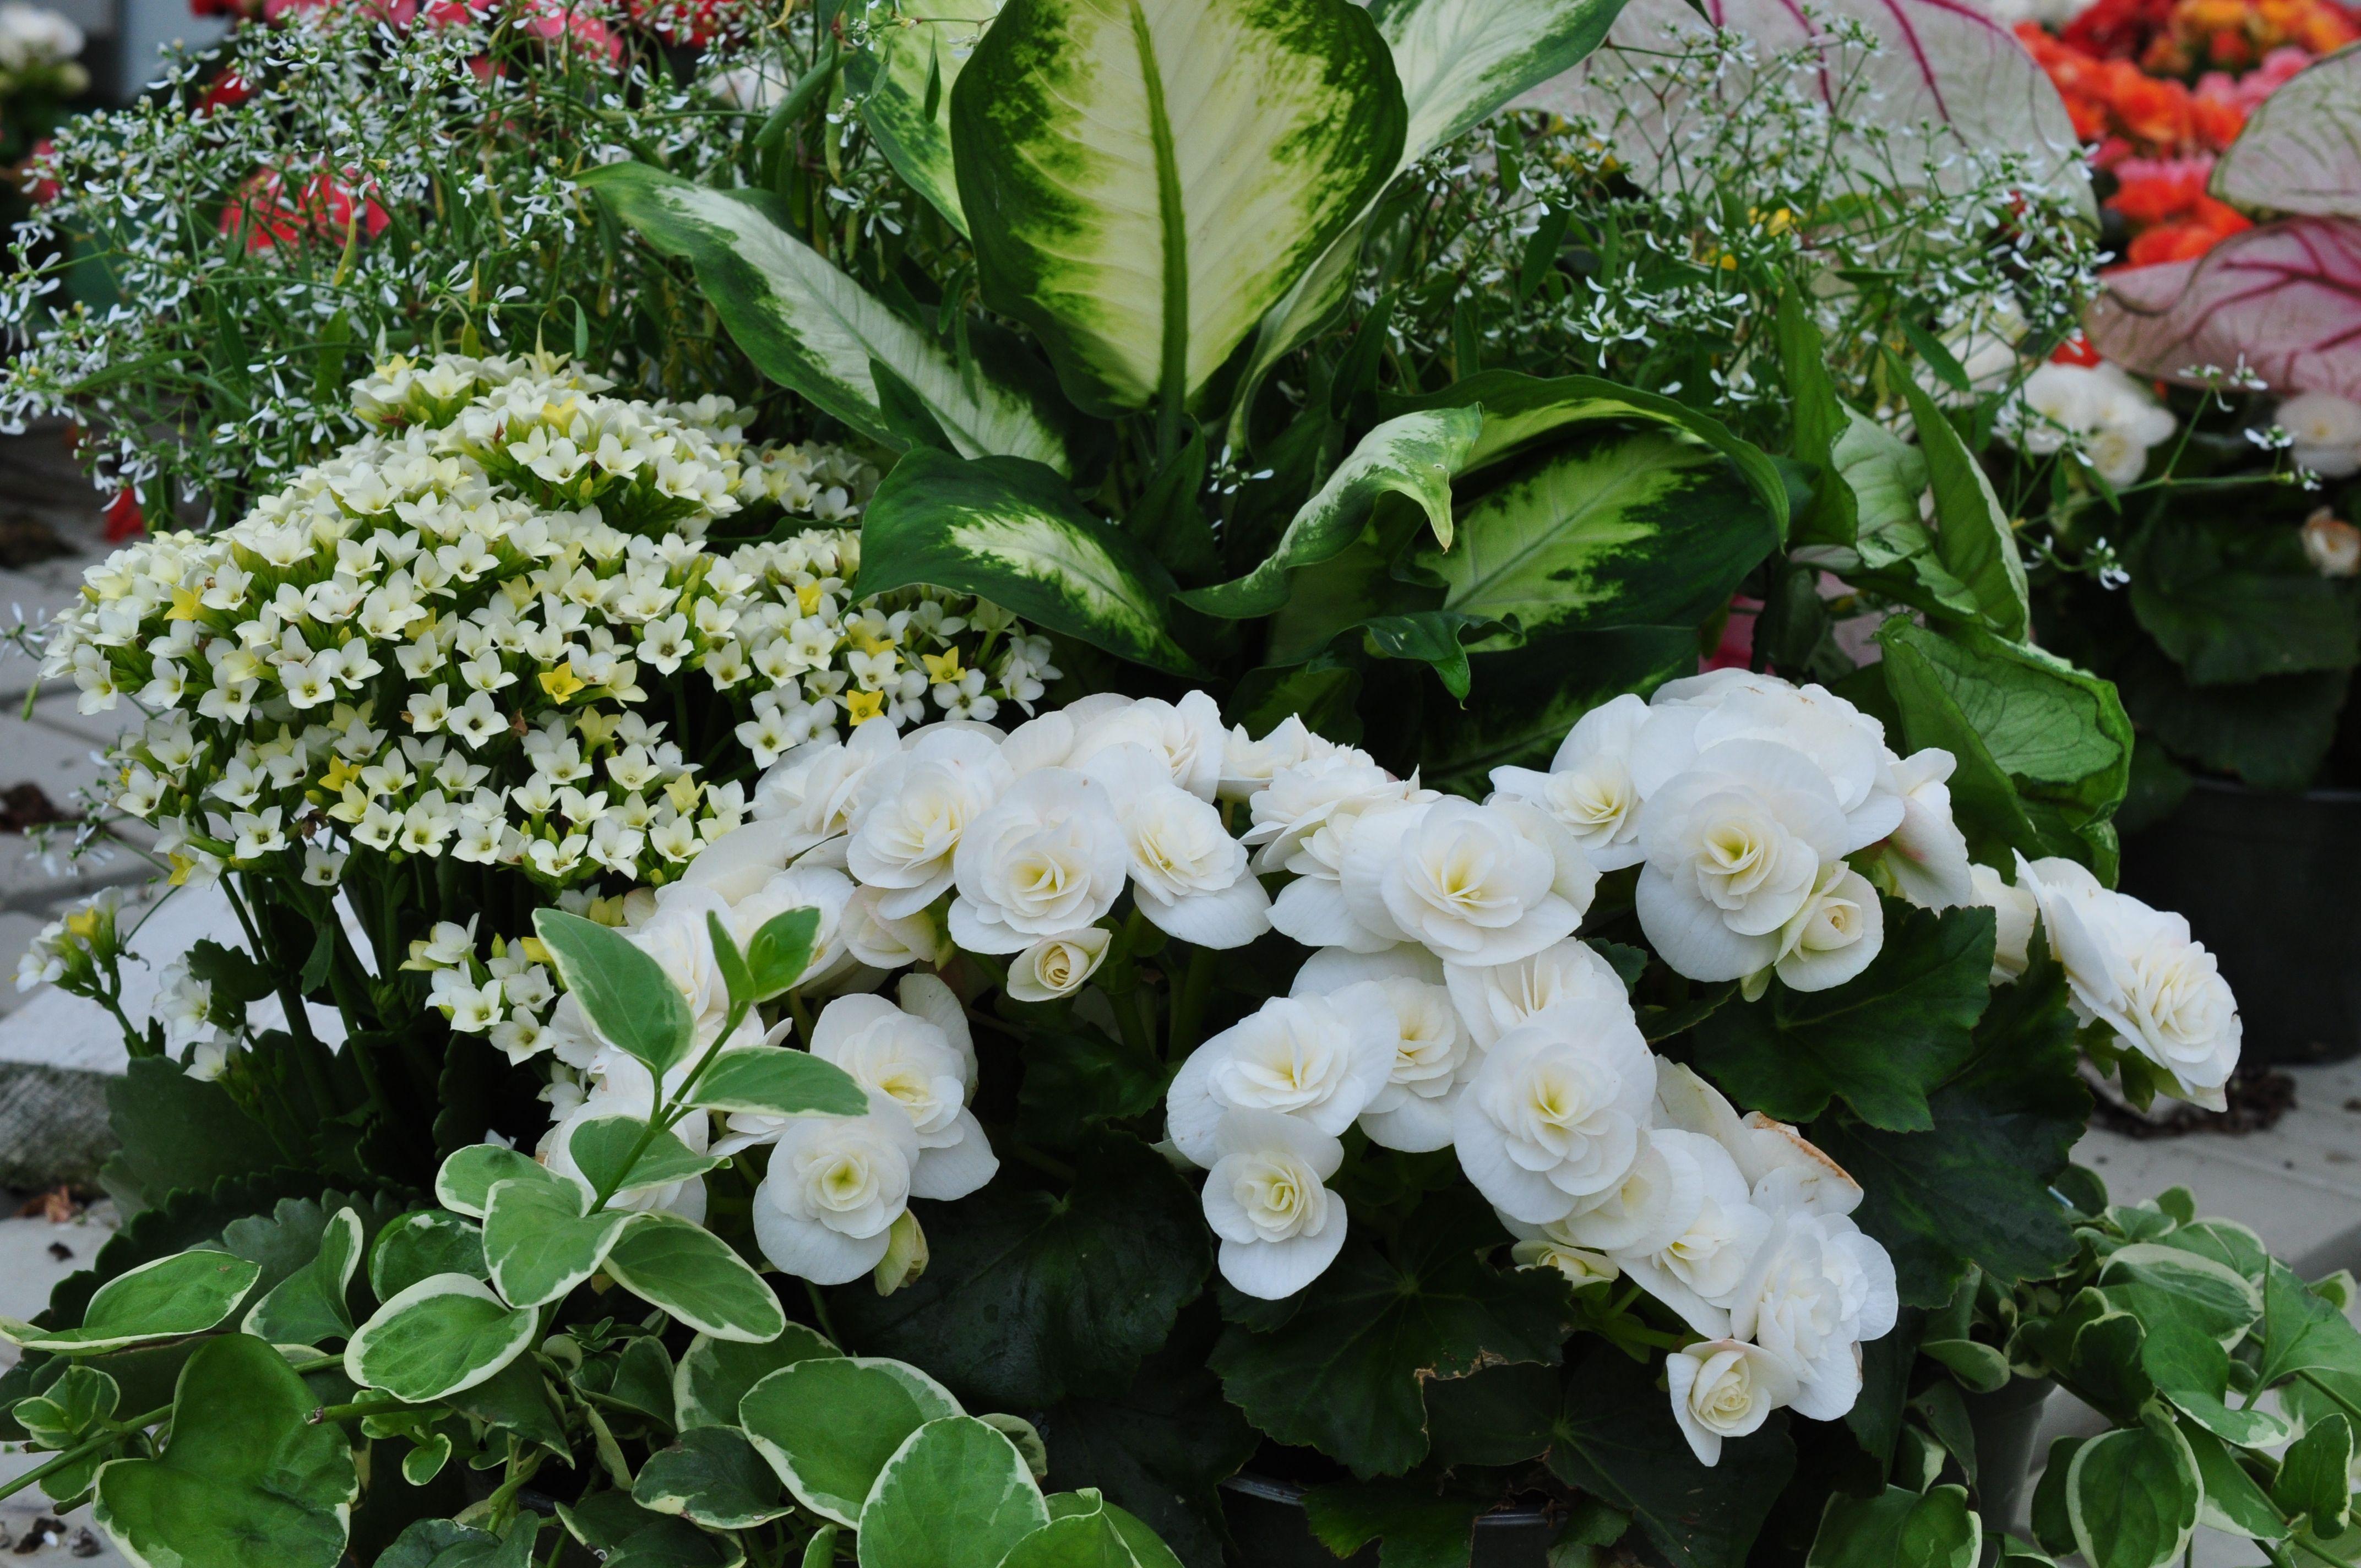 Whitecontainergardens These White Reiger Begonias Make A Nice